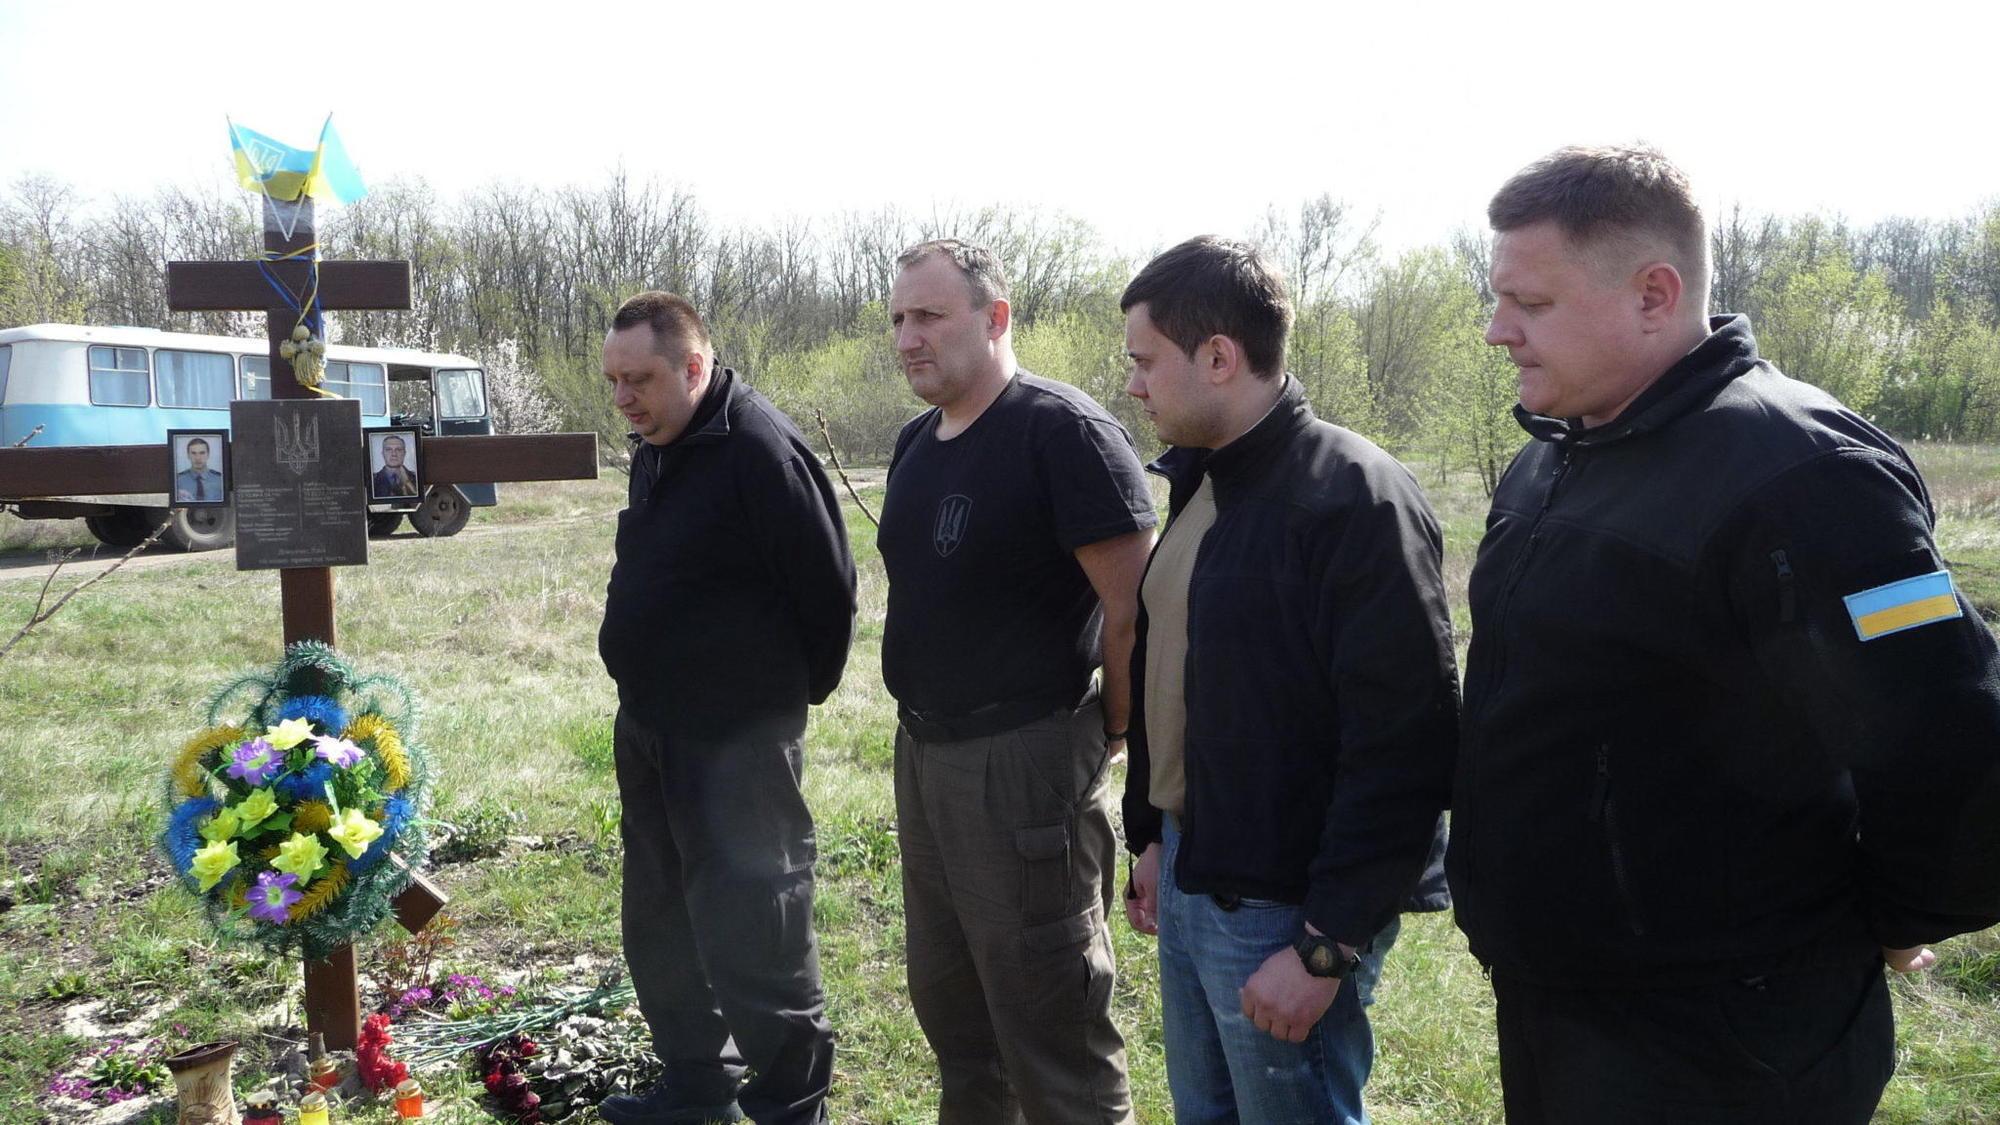 співробітники СБУ хрест перший бій АТО Семенівка Слов'янськ